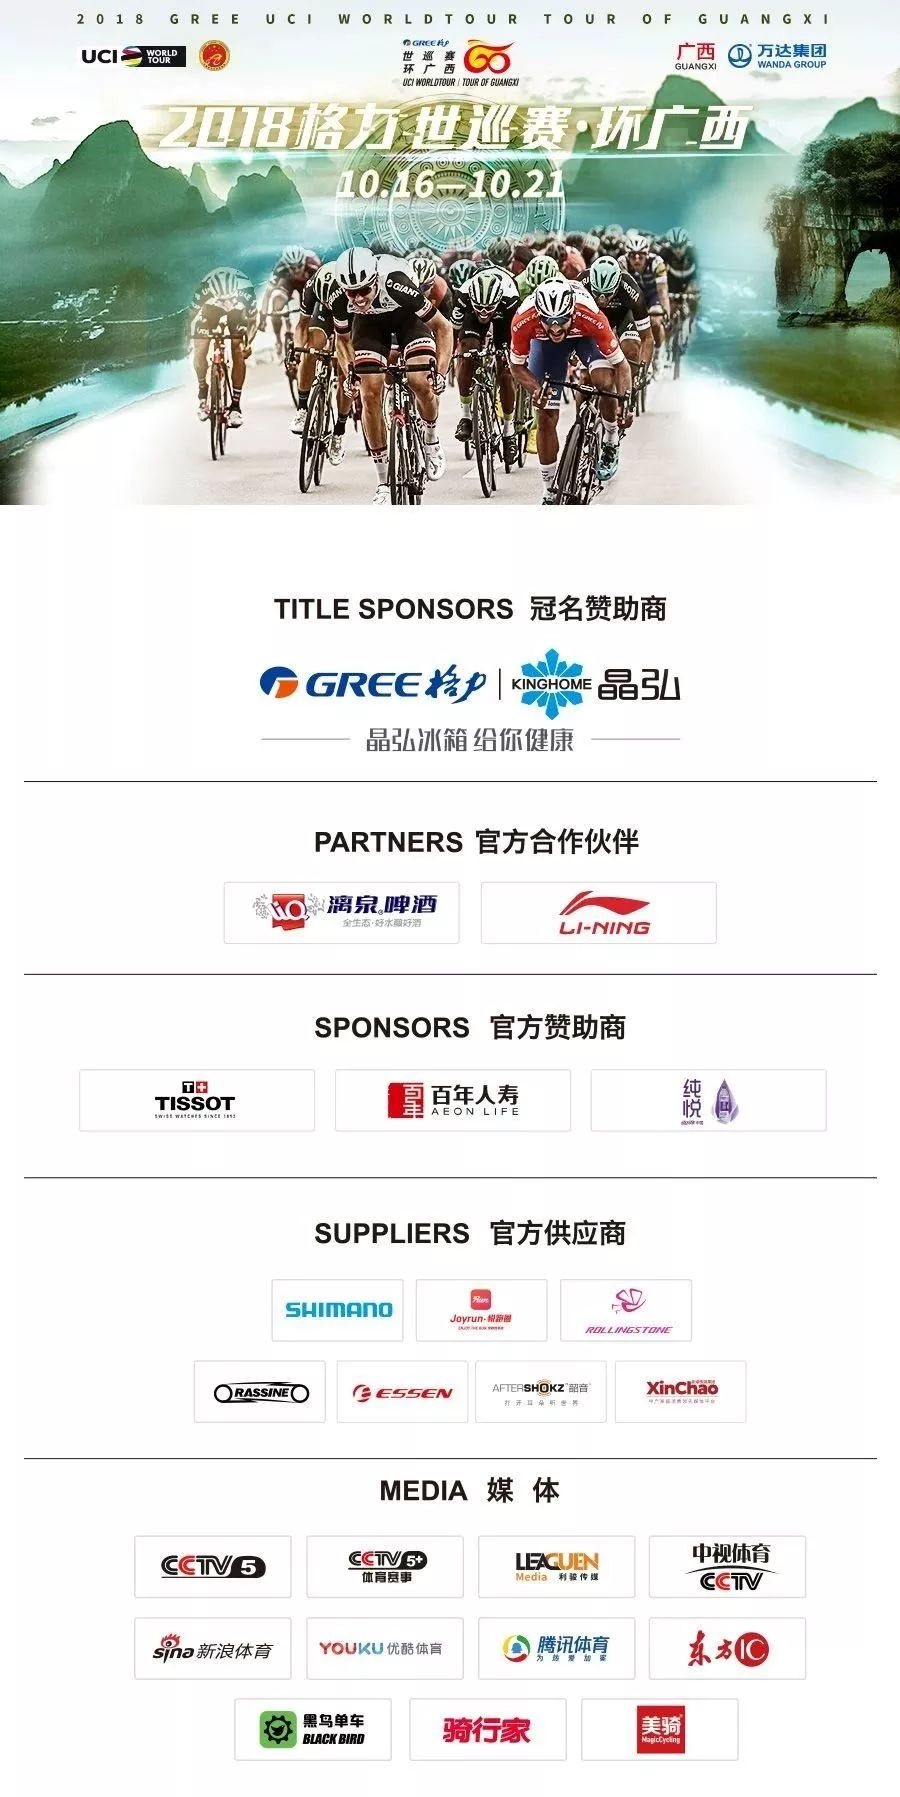 2018格力-环广西公路自行车世界巡回赛官方预热海报